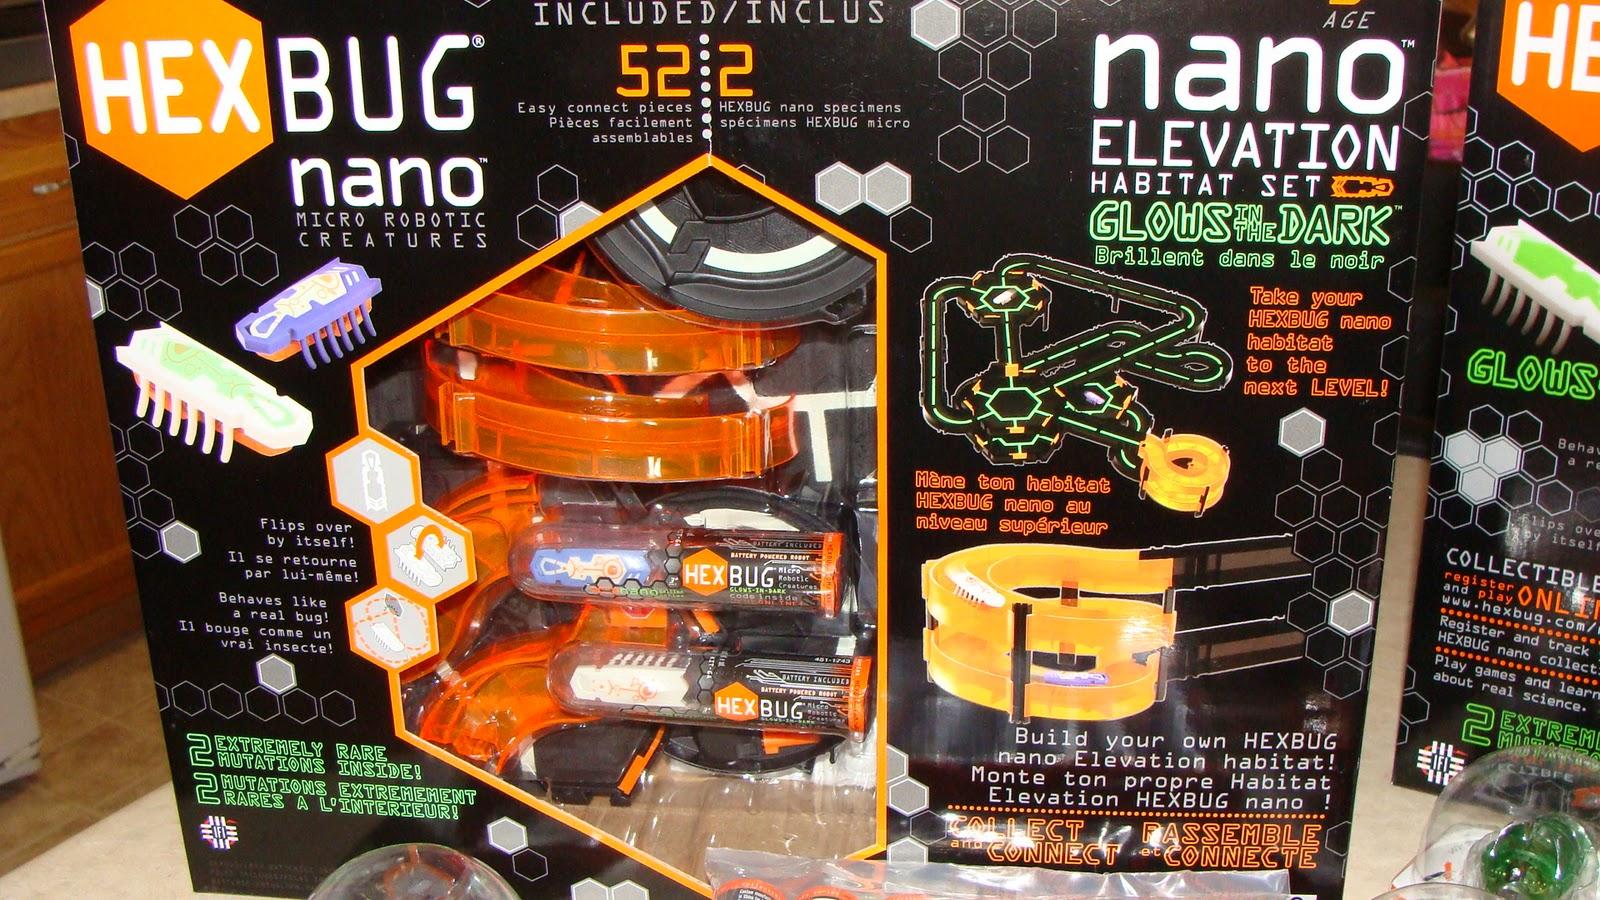 Hexbug Nano Habitat Set Glow in The Dark Hexbug Nano Glows in The Dark